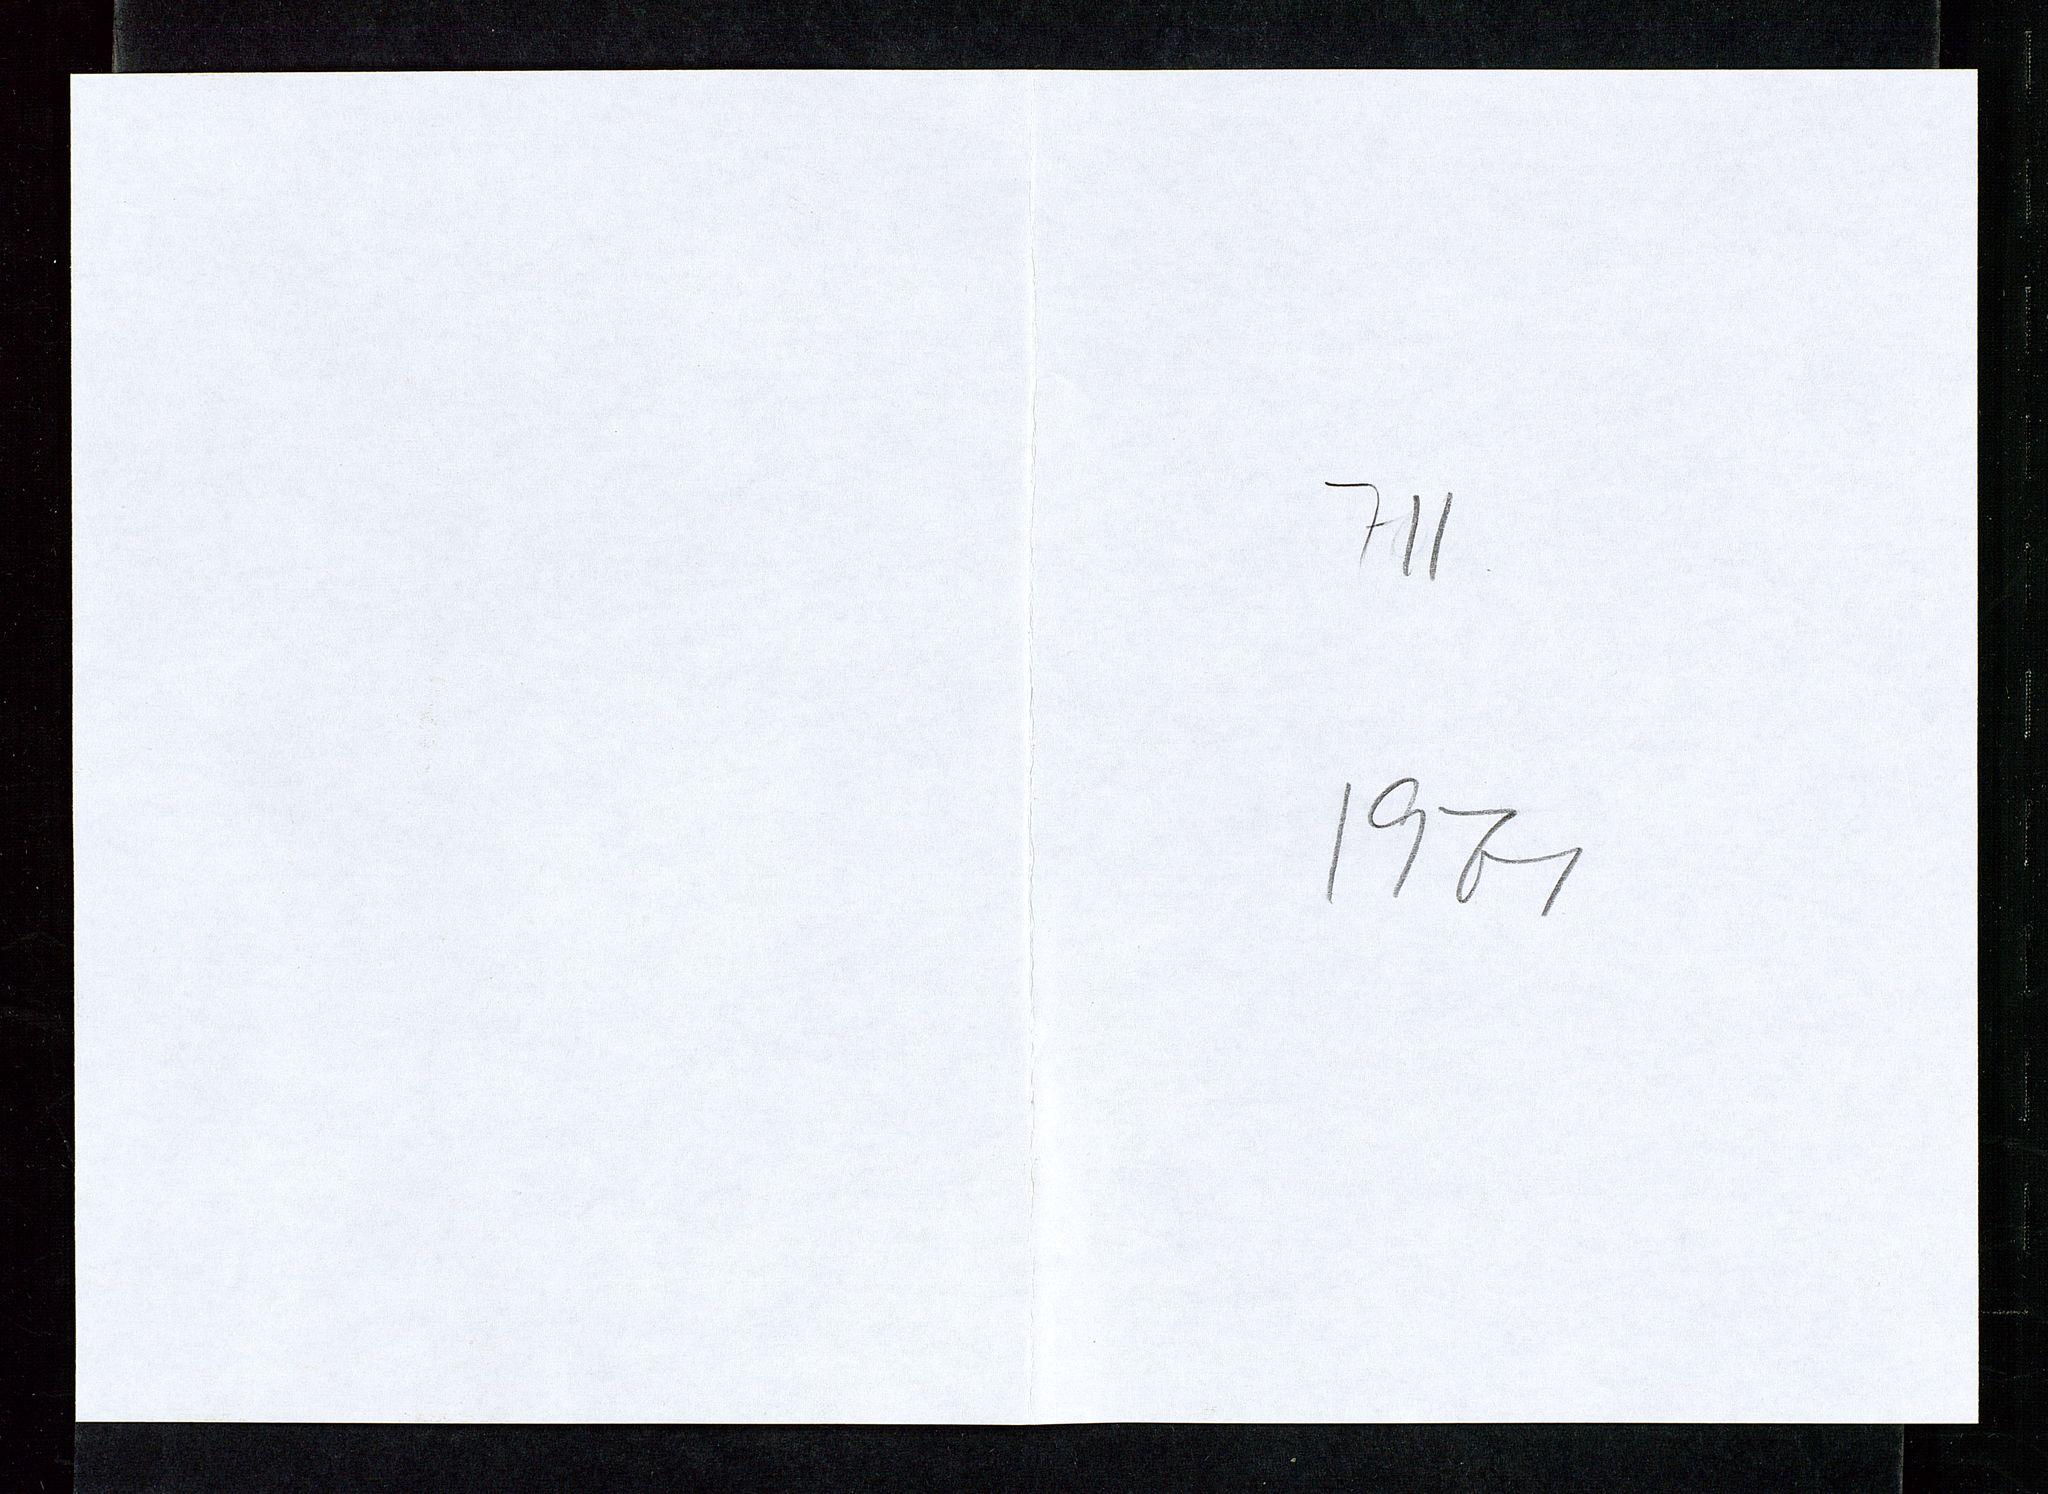 SAST, Industridepartementet, Oljekontoret, Da/L0004: Arkivnøkkel 711 - 712 Utvinningstillatelser, 1970-1971, s. 534